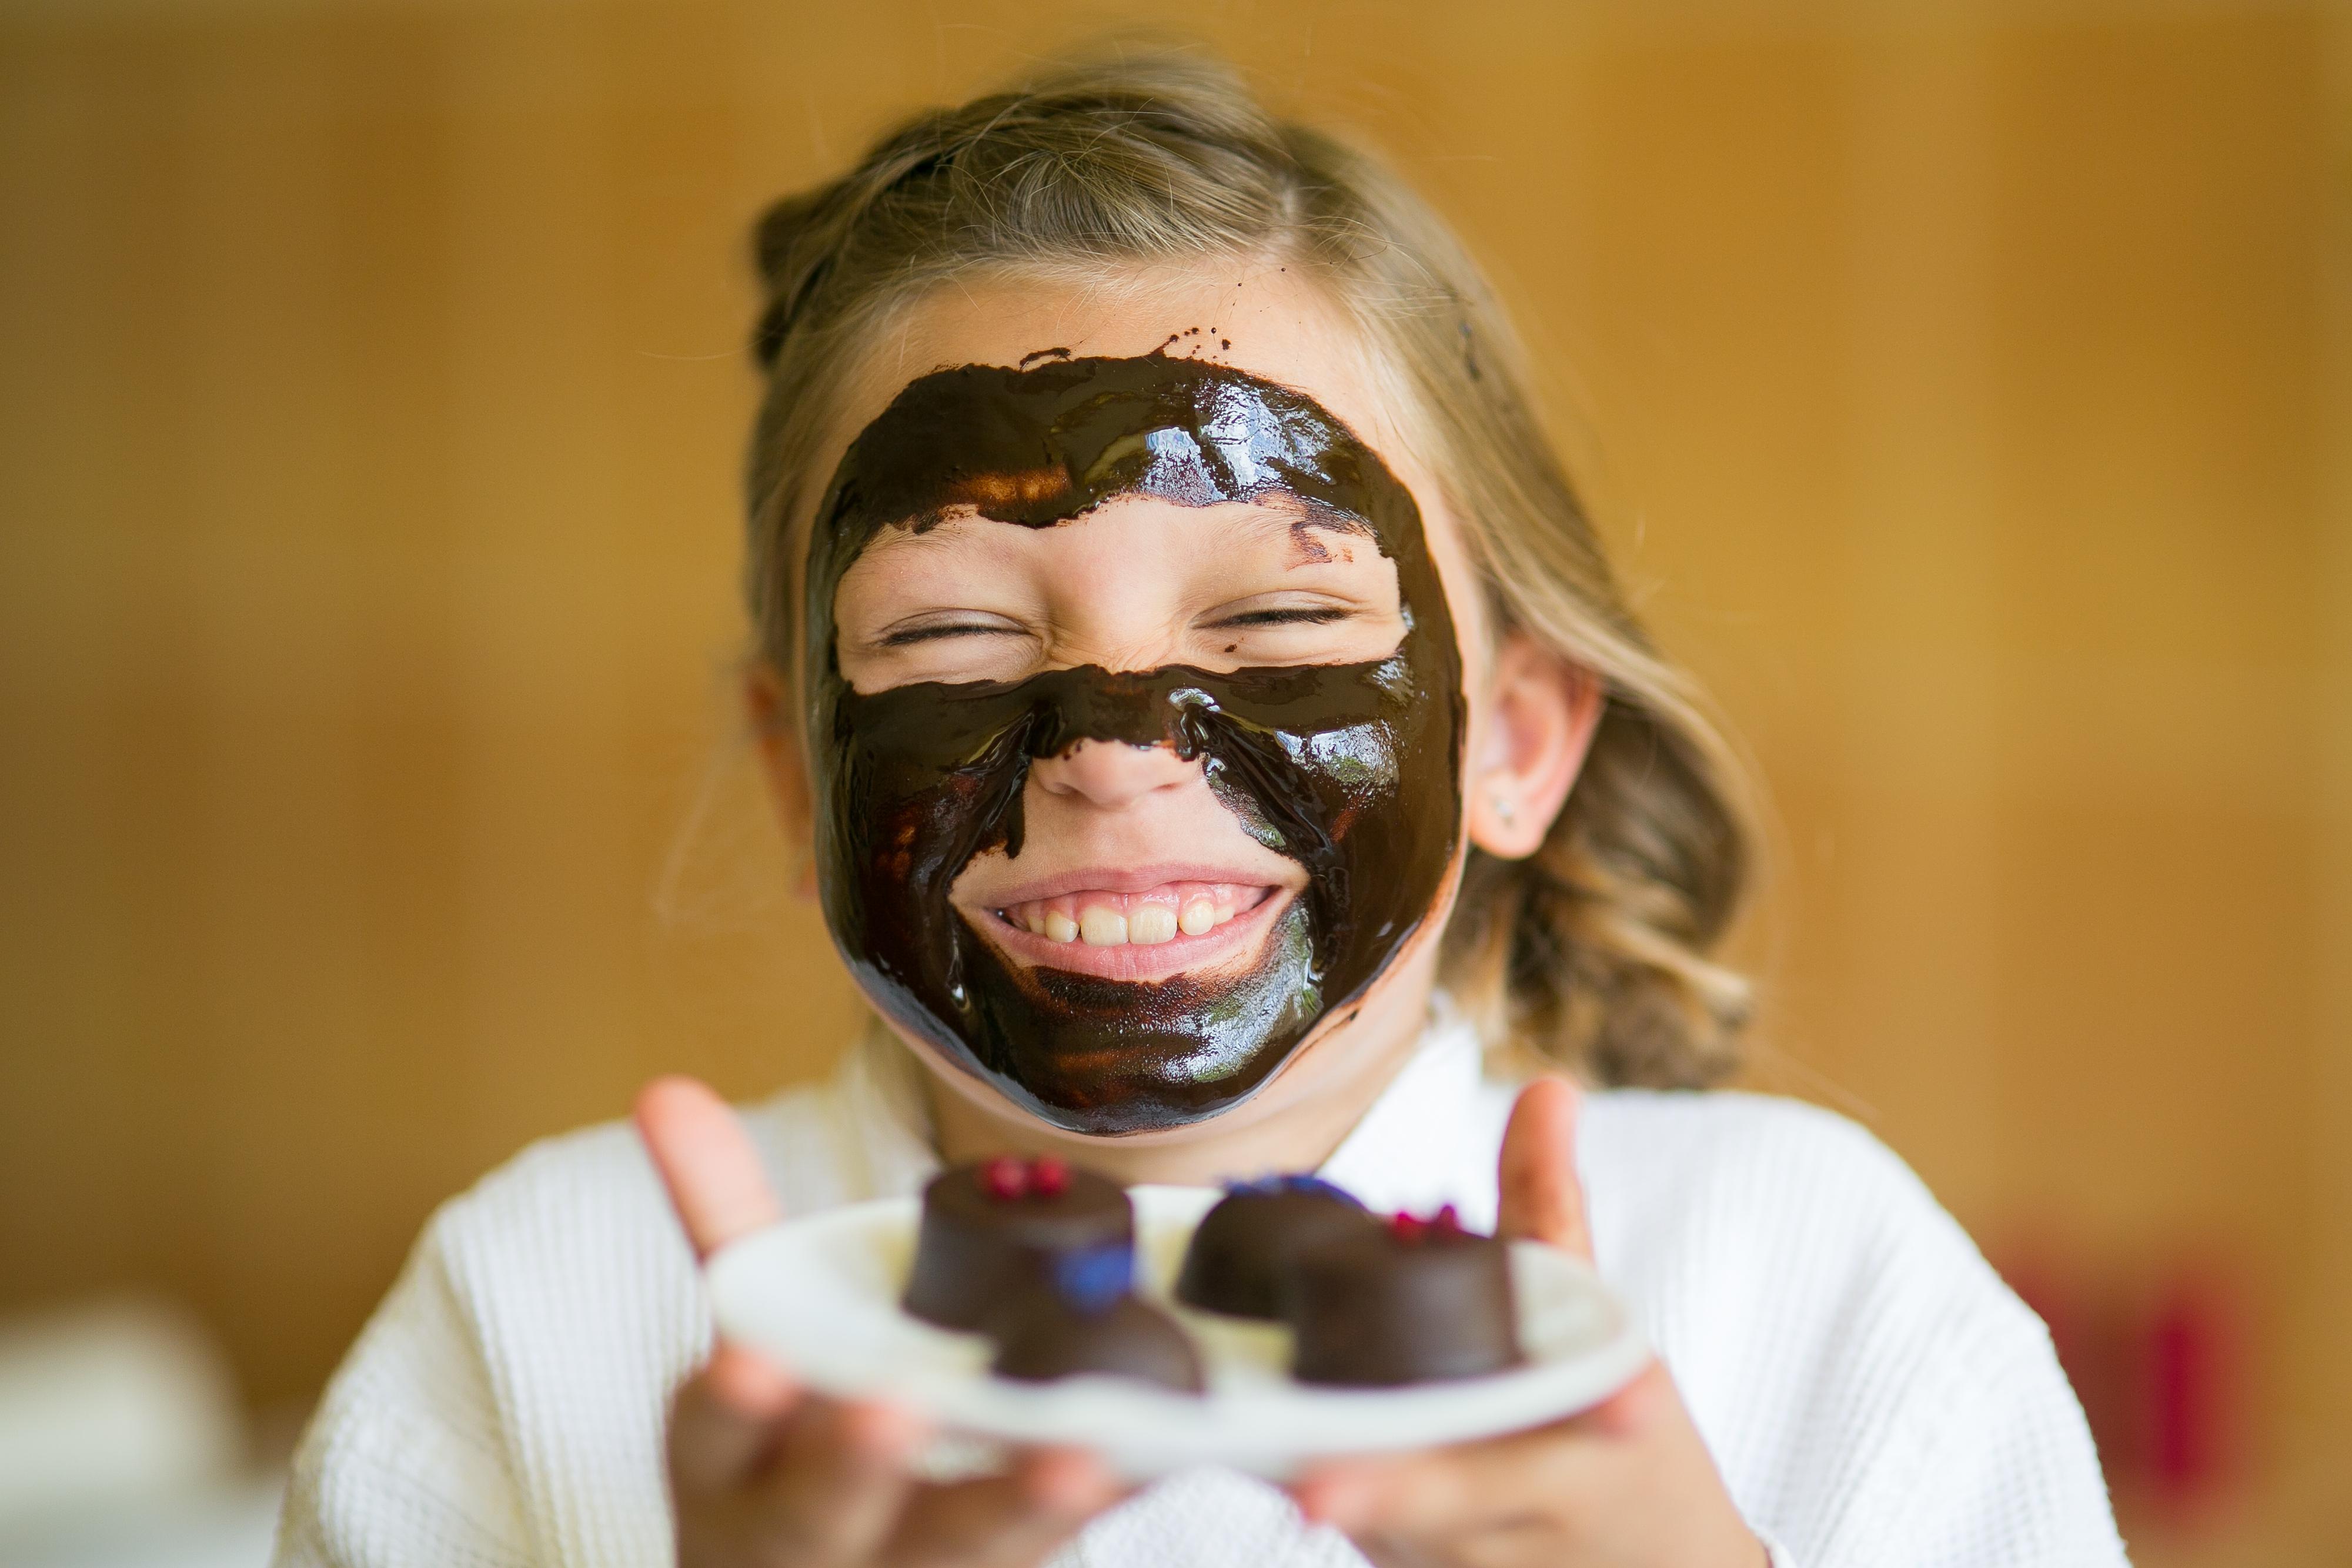 Hommikumantlis tüdruk hoiab enda ees taldrikut käsitöökommidega.